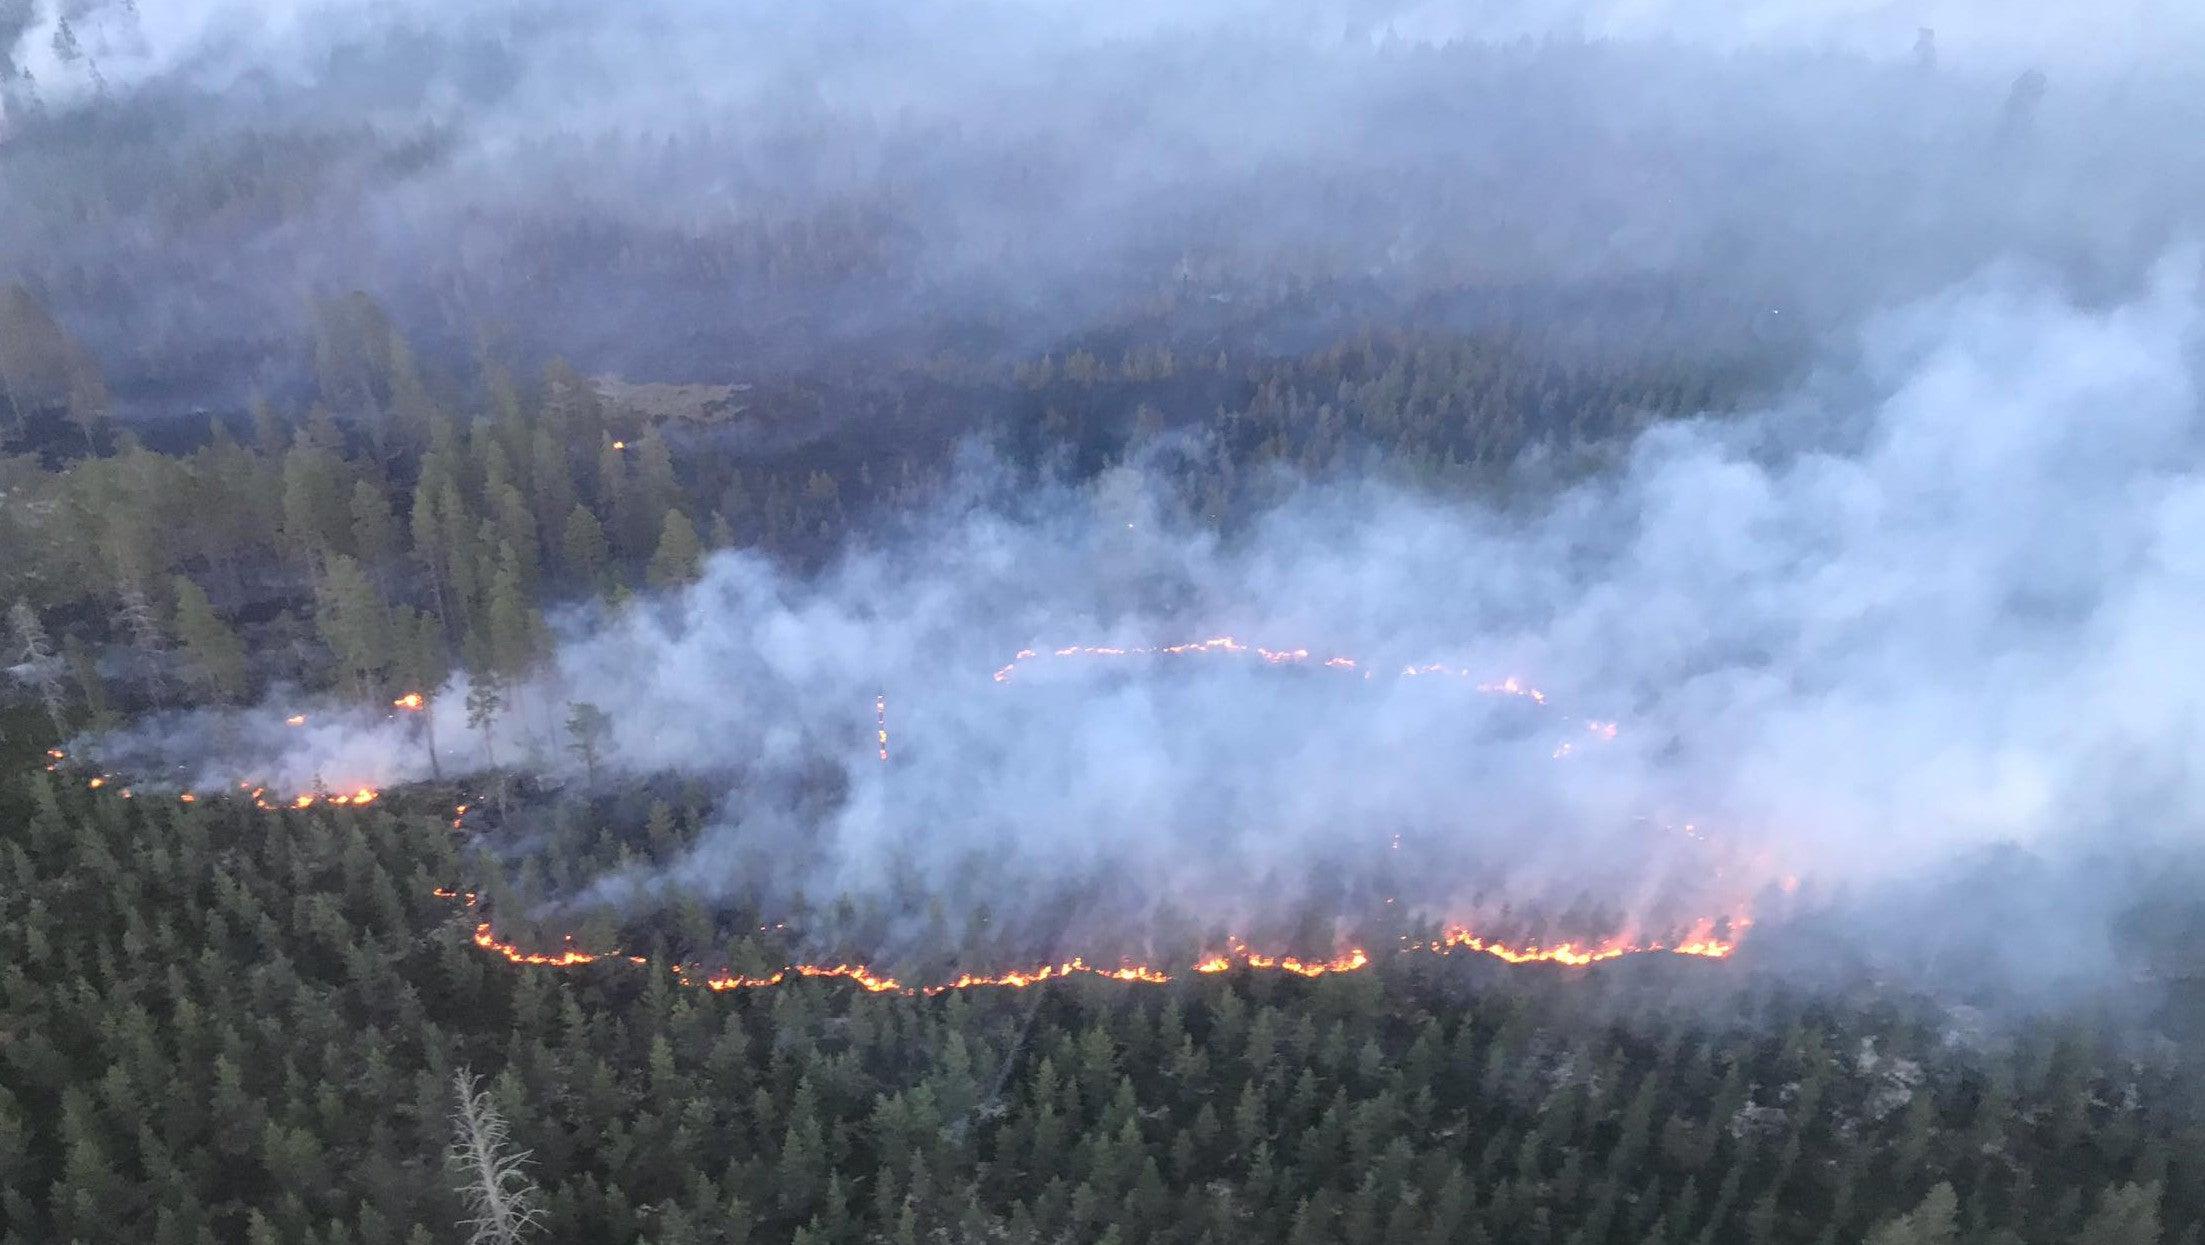 Schweden Waldbrände Karte.über Waldbrand In Schweden Rettungskräfte Werfen Bombe Ab The